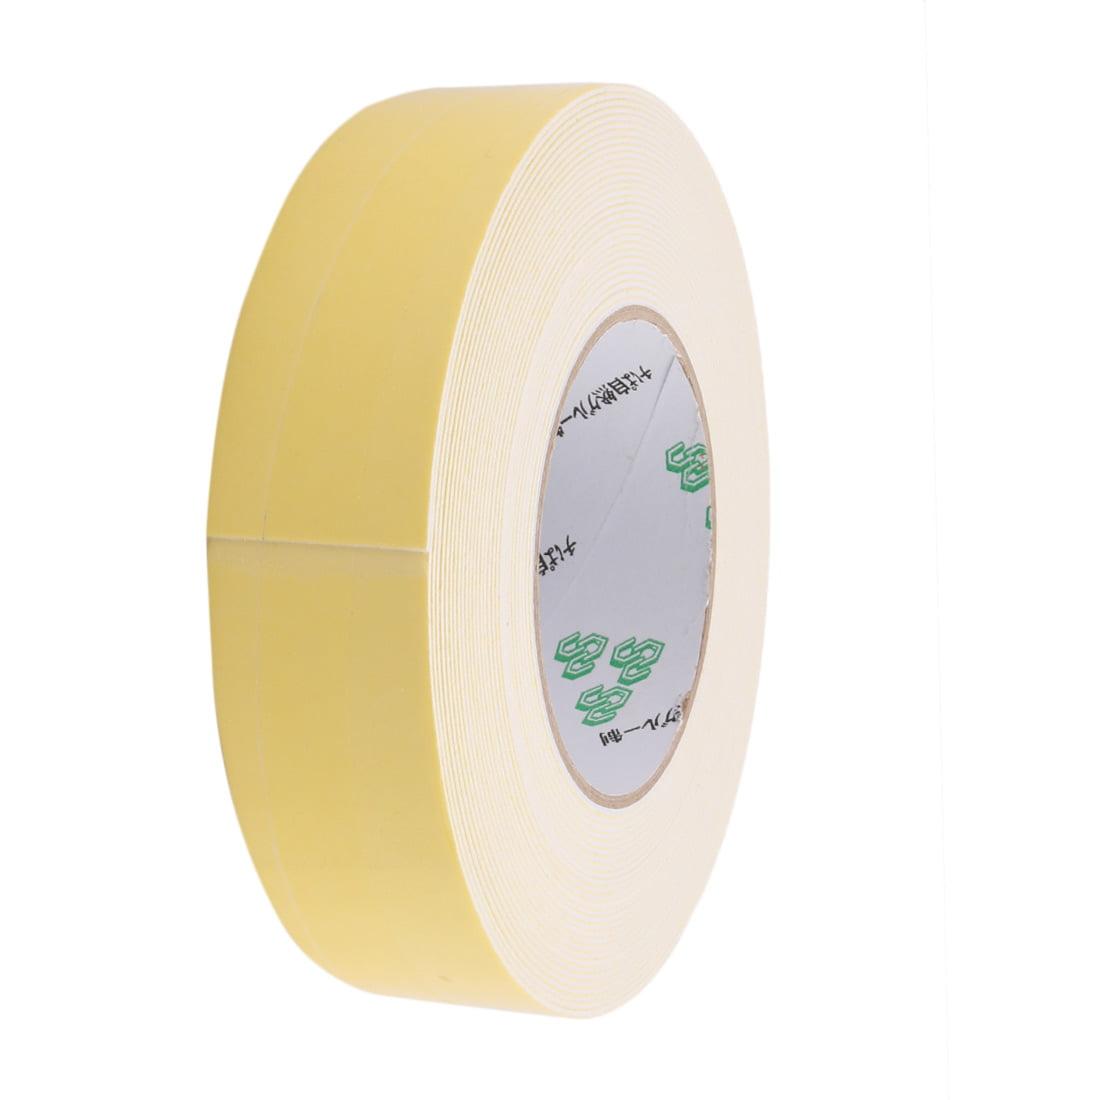 30mm Width 1mm Thickness EVA Single Side Sponge Foam Tape 10 Meters Length